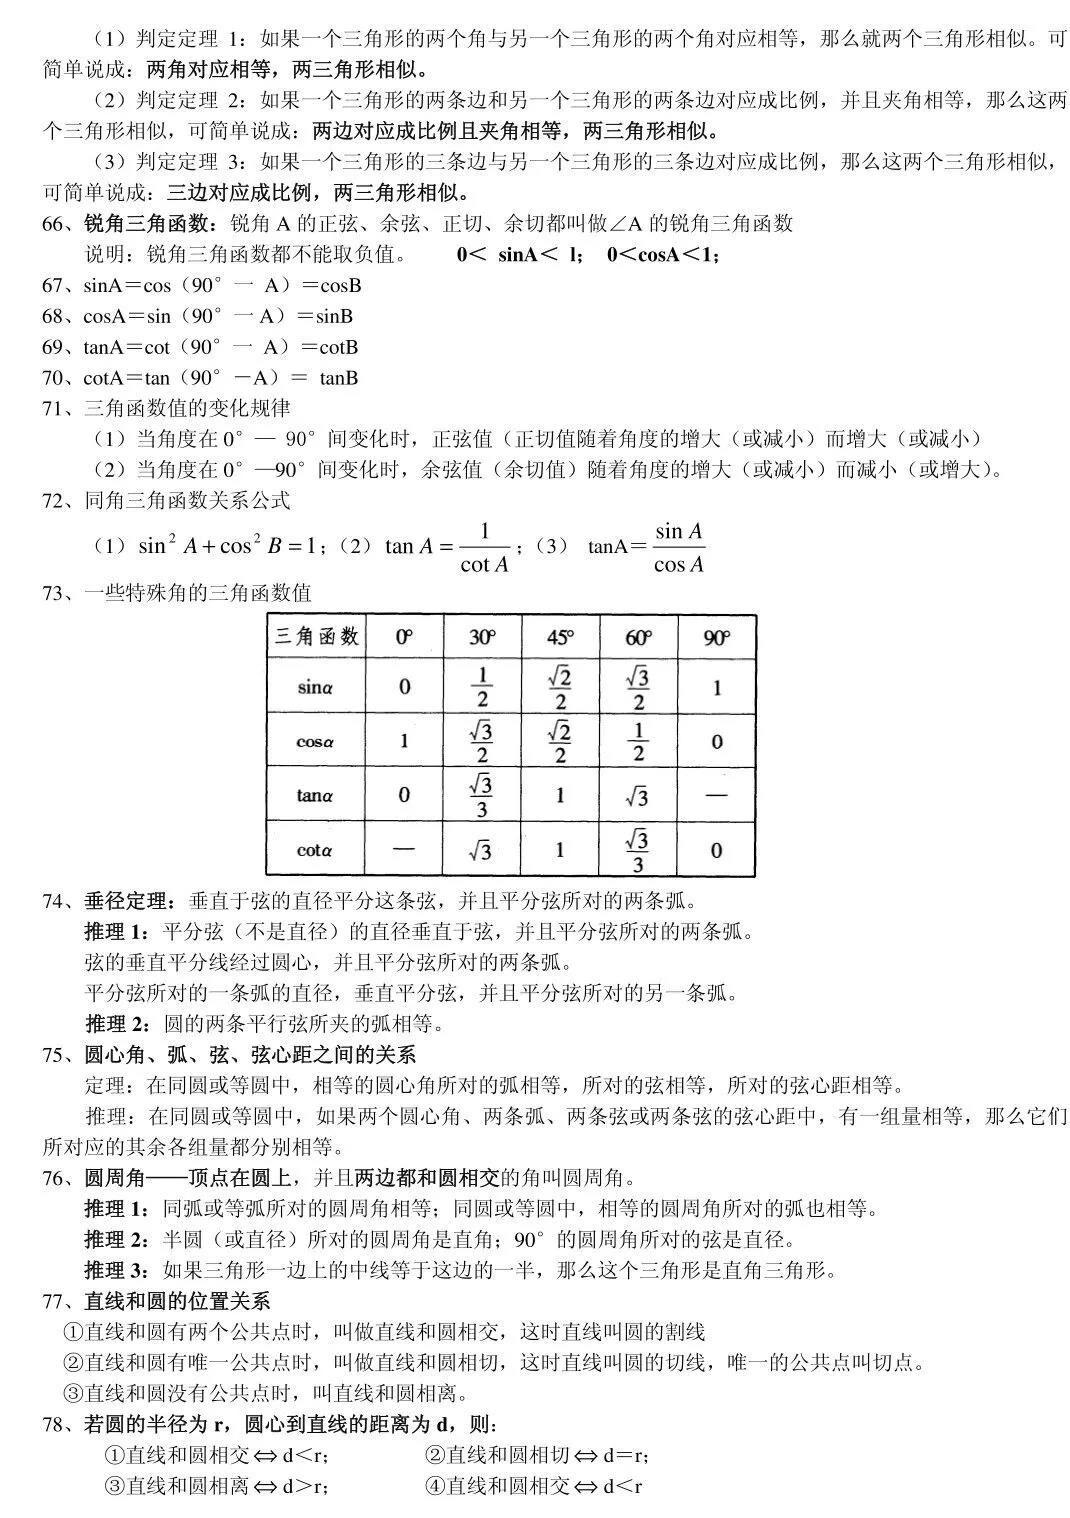 2021 中考数学基础知识点总结